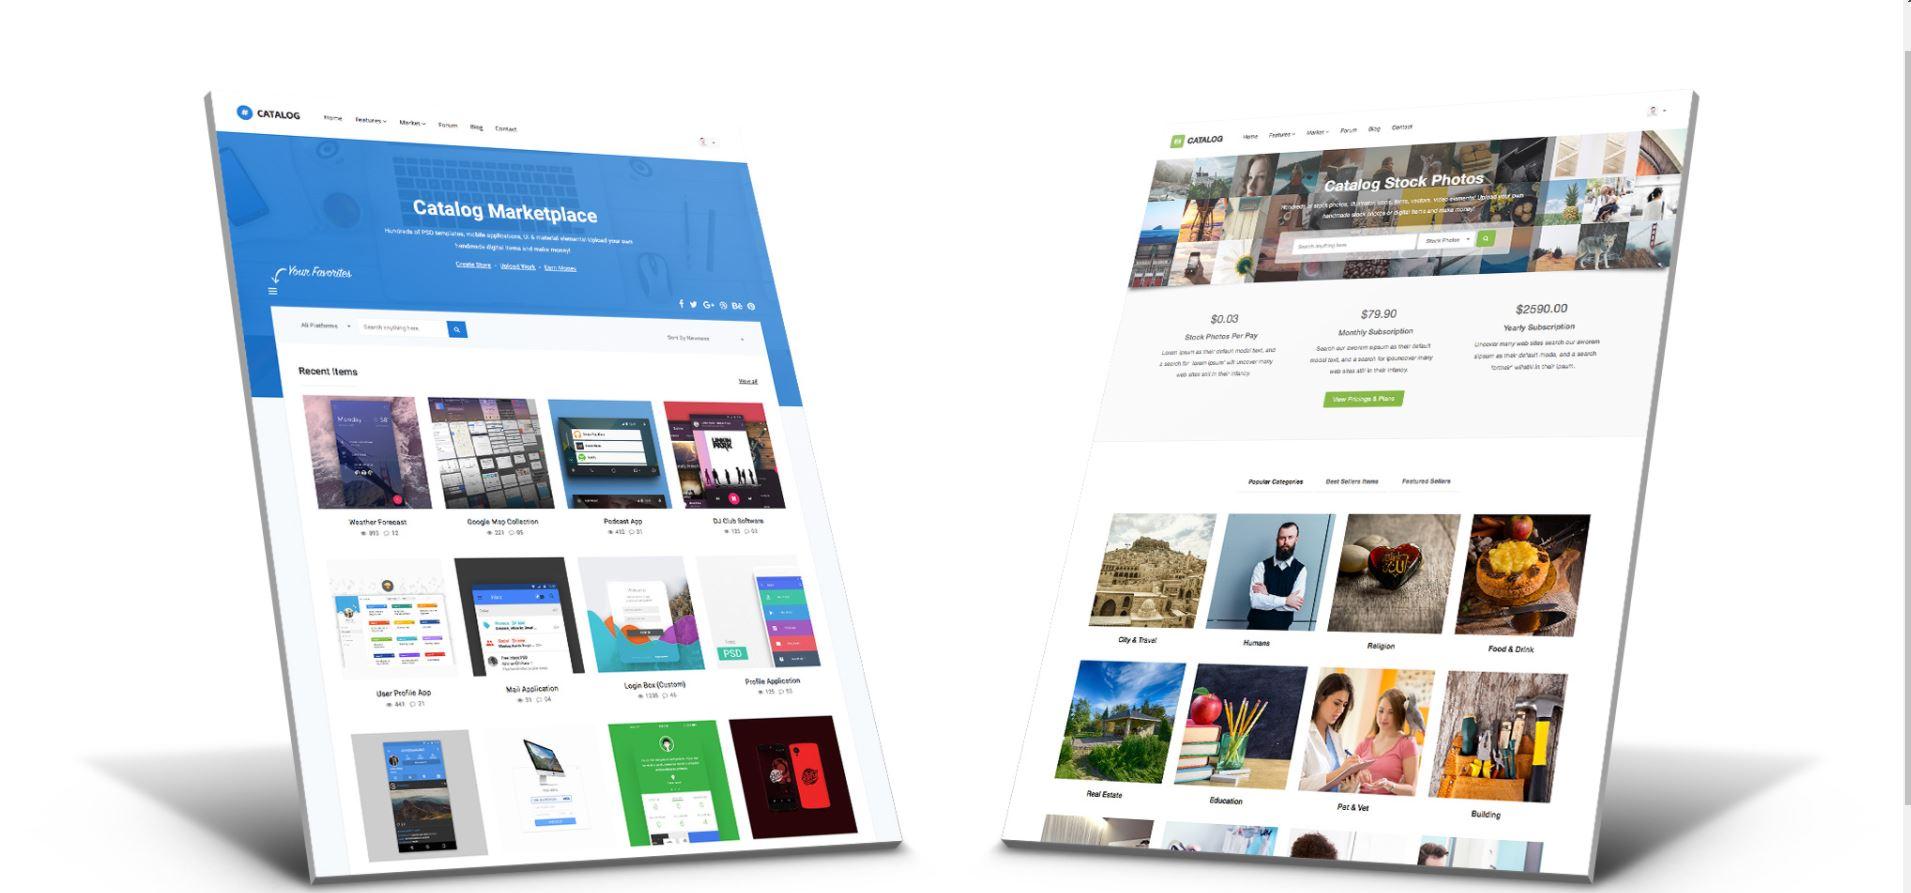 WordPress marketplace themes